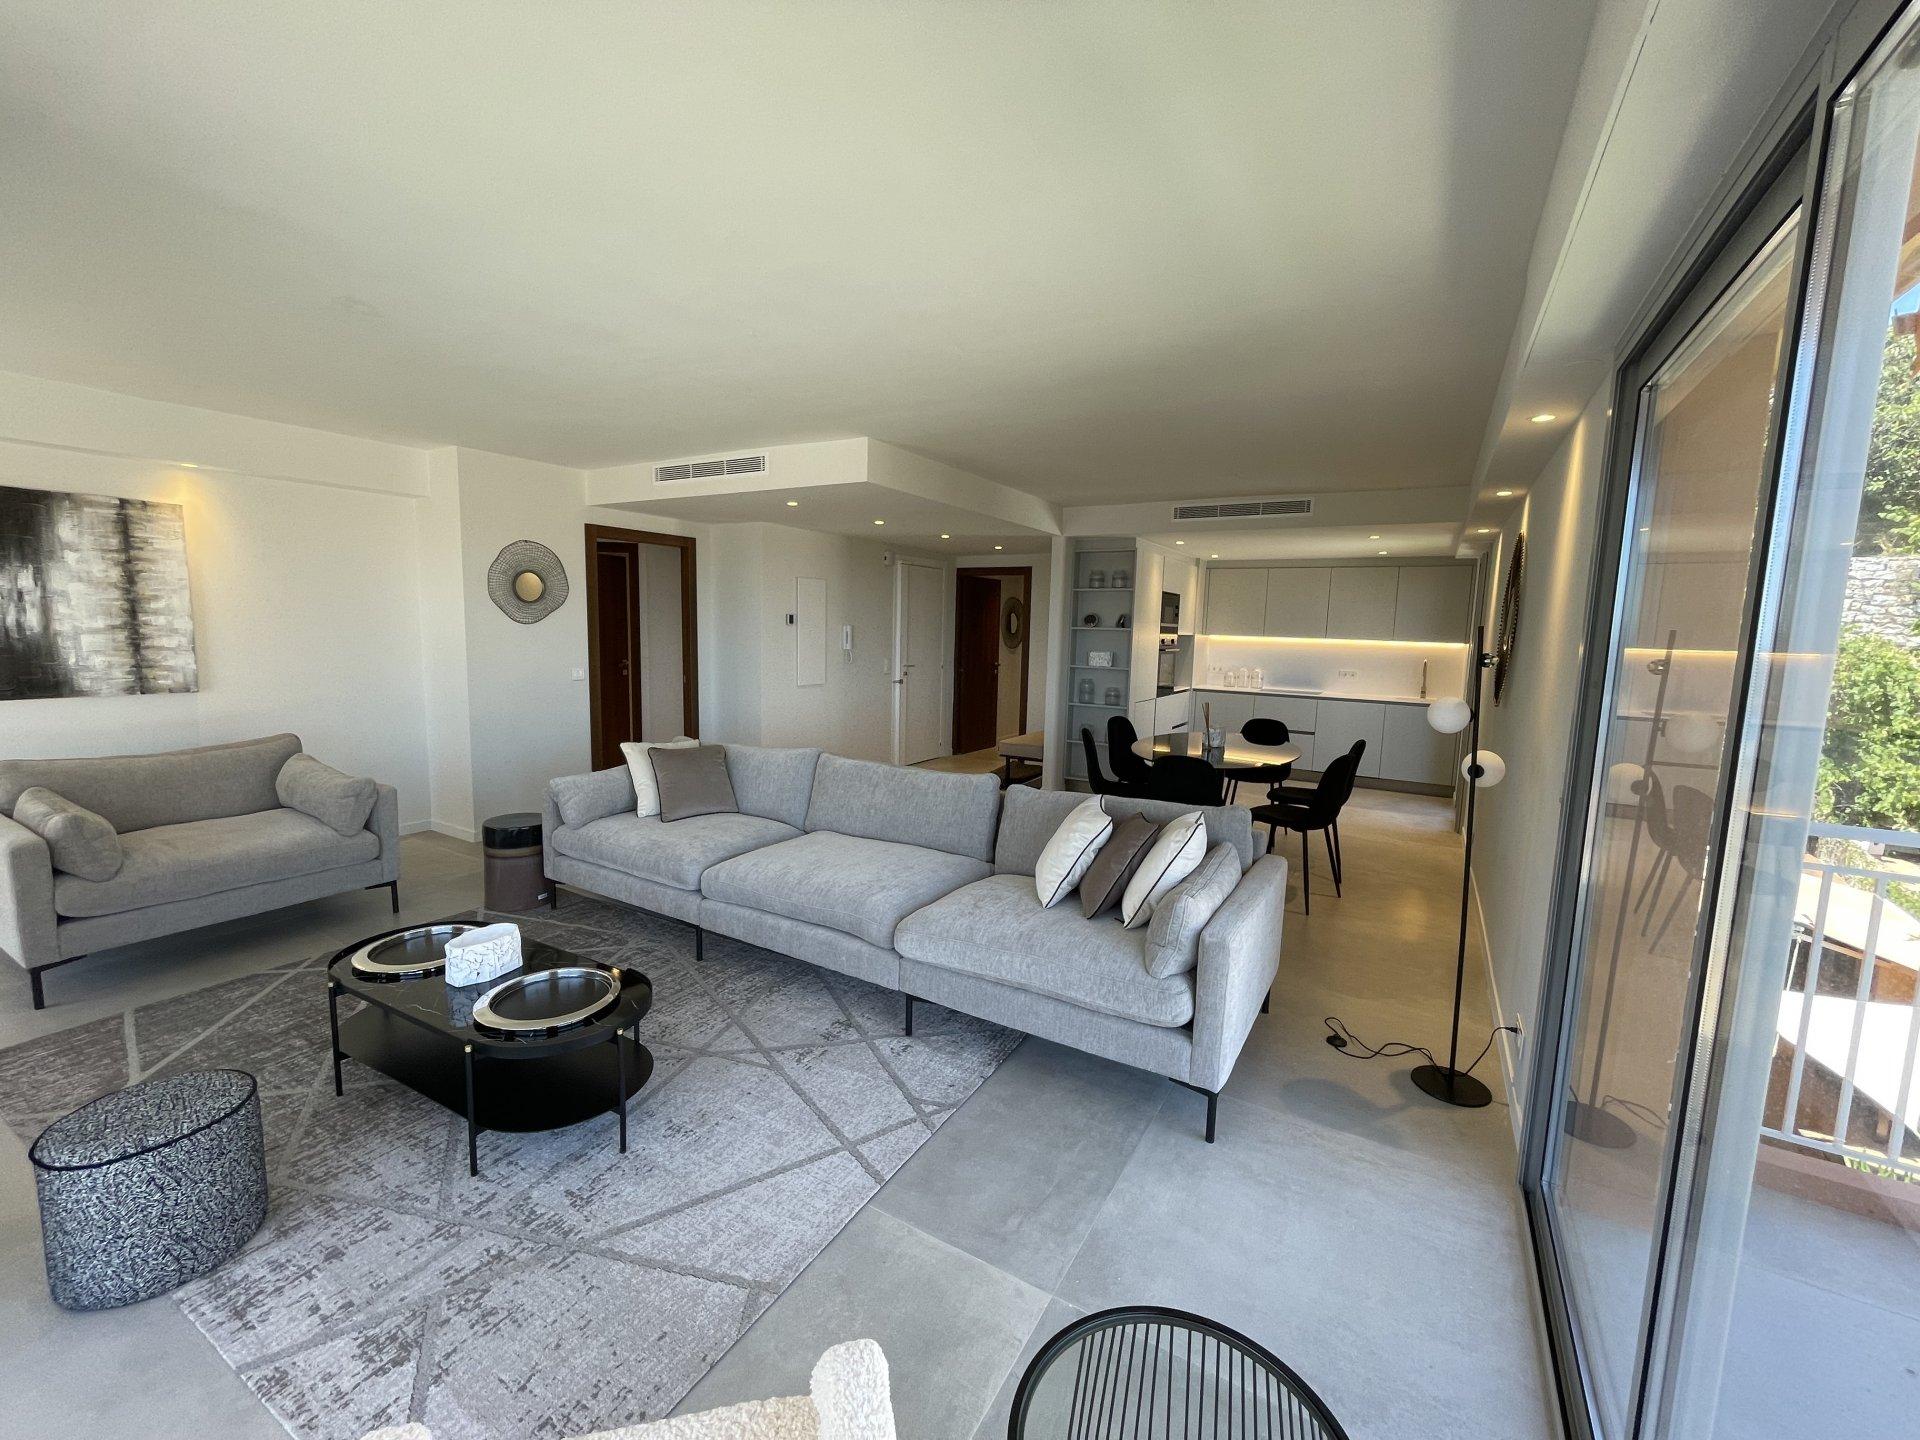 Sale Apartment - Villefranche-sur-Mer